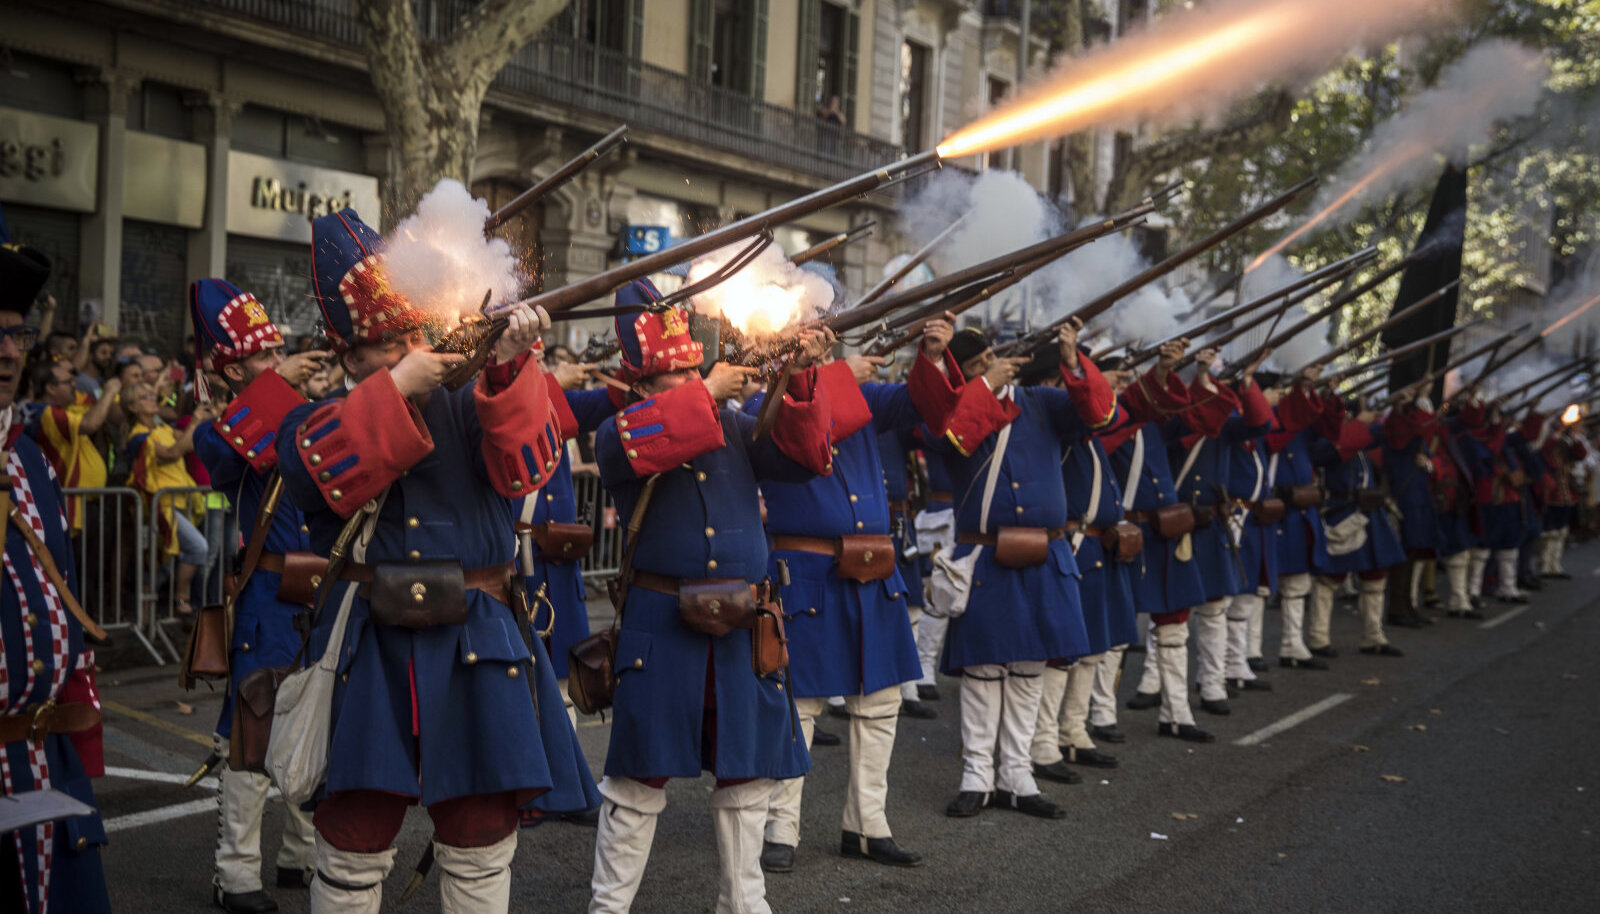 Katalaanid omavad õigust vaid ajaloolistest relvadest tulistada.